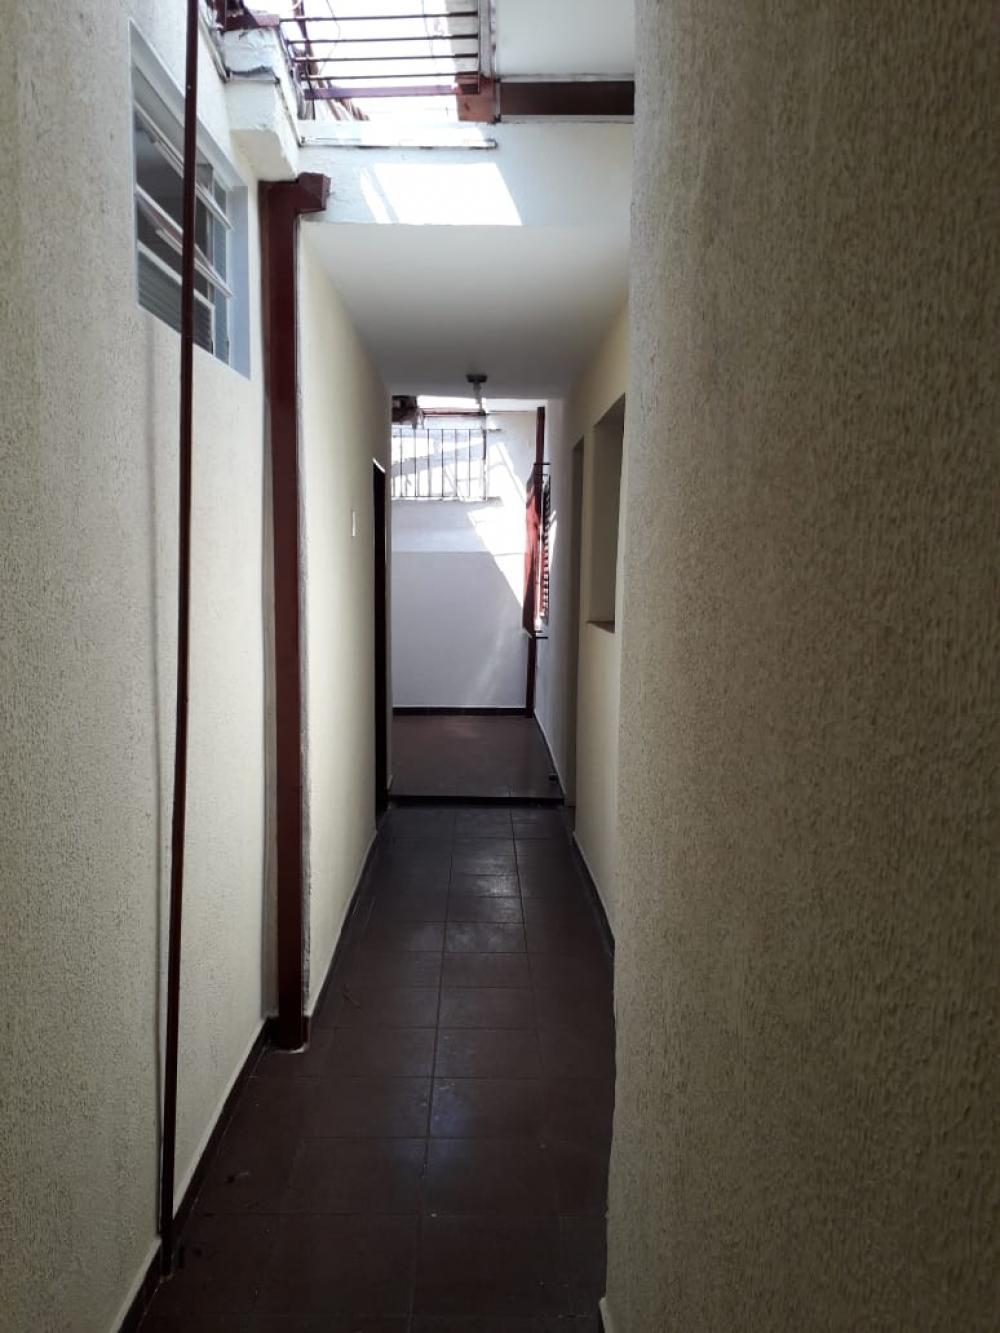 Comprar Casa / Padrão em Ribeirão Preto R$ 425.000,00 - Foto 8